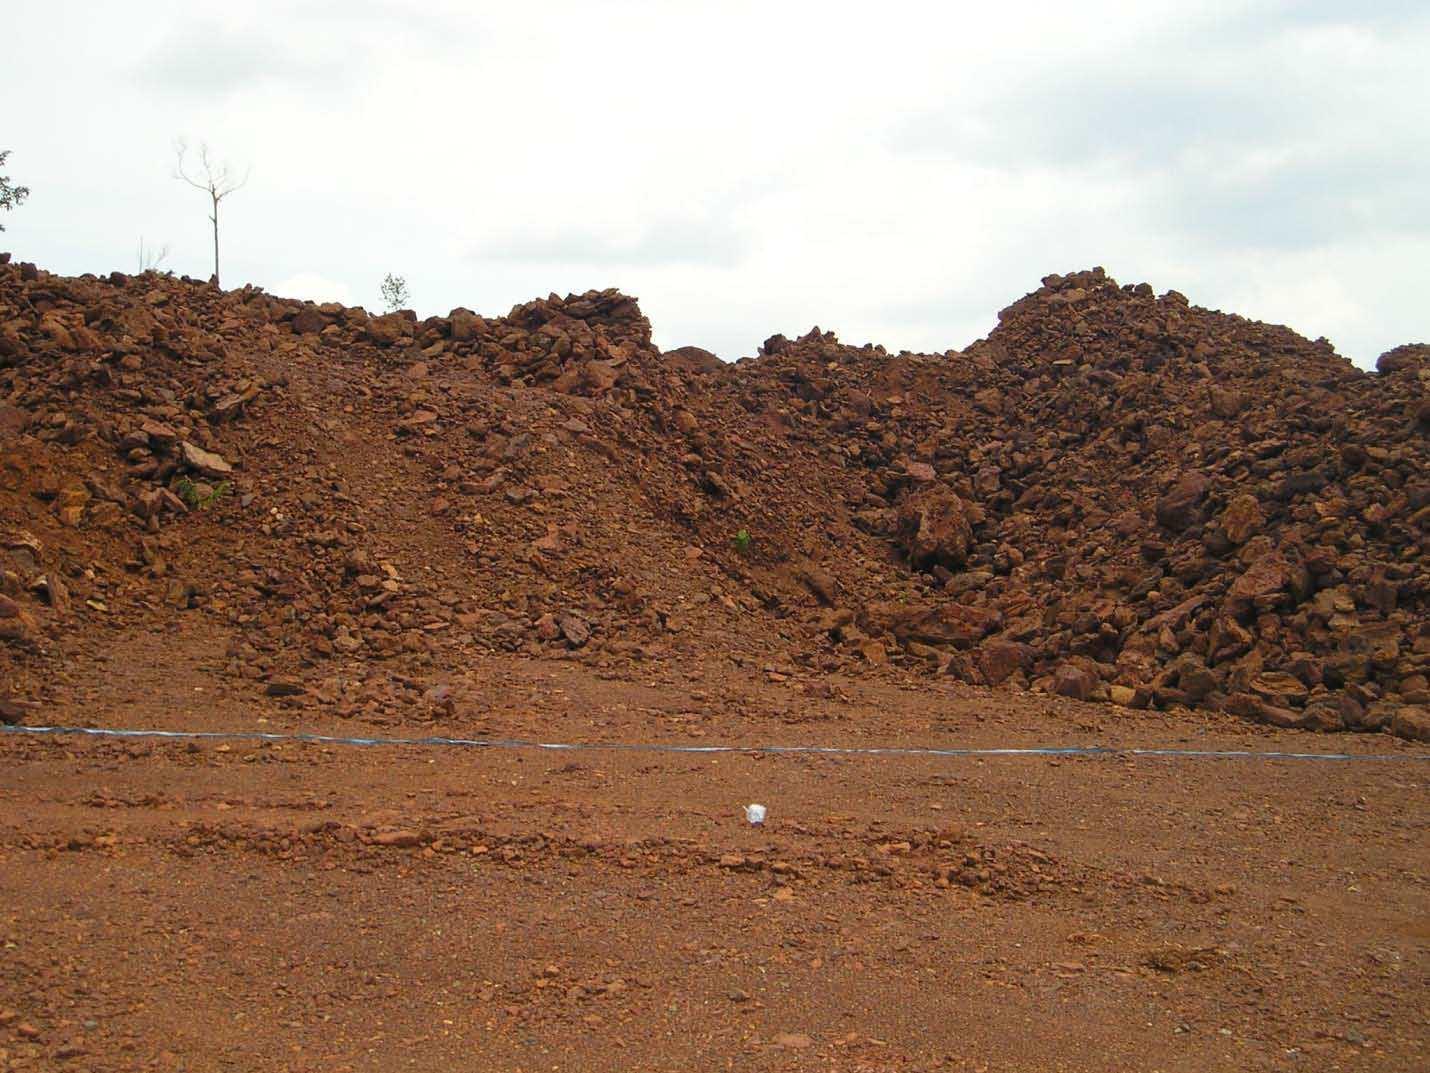 印尼提前禁止镍矿出口 预计2020年中国镍生铁缺口或达10万金属吨